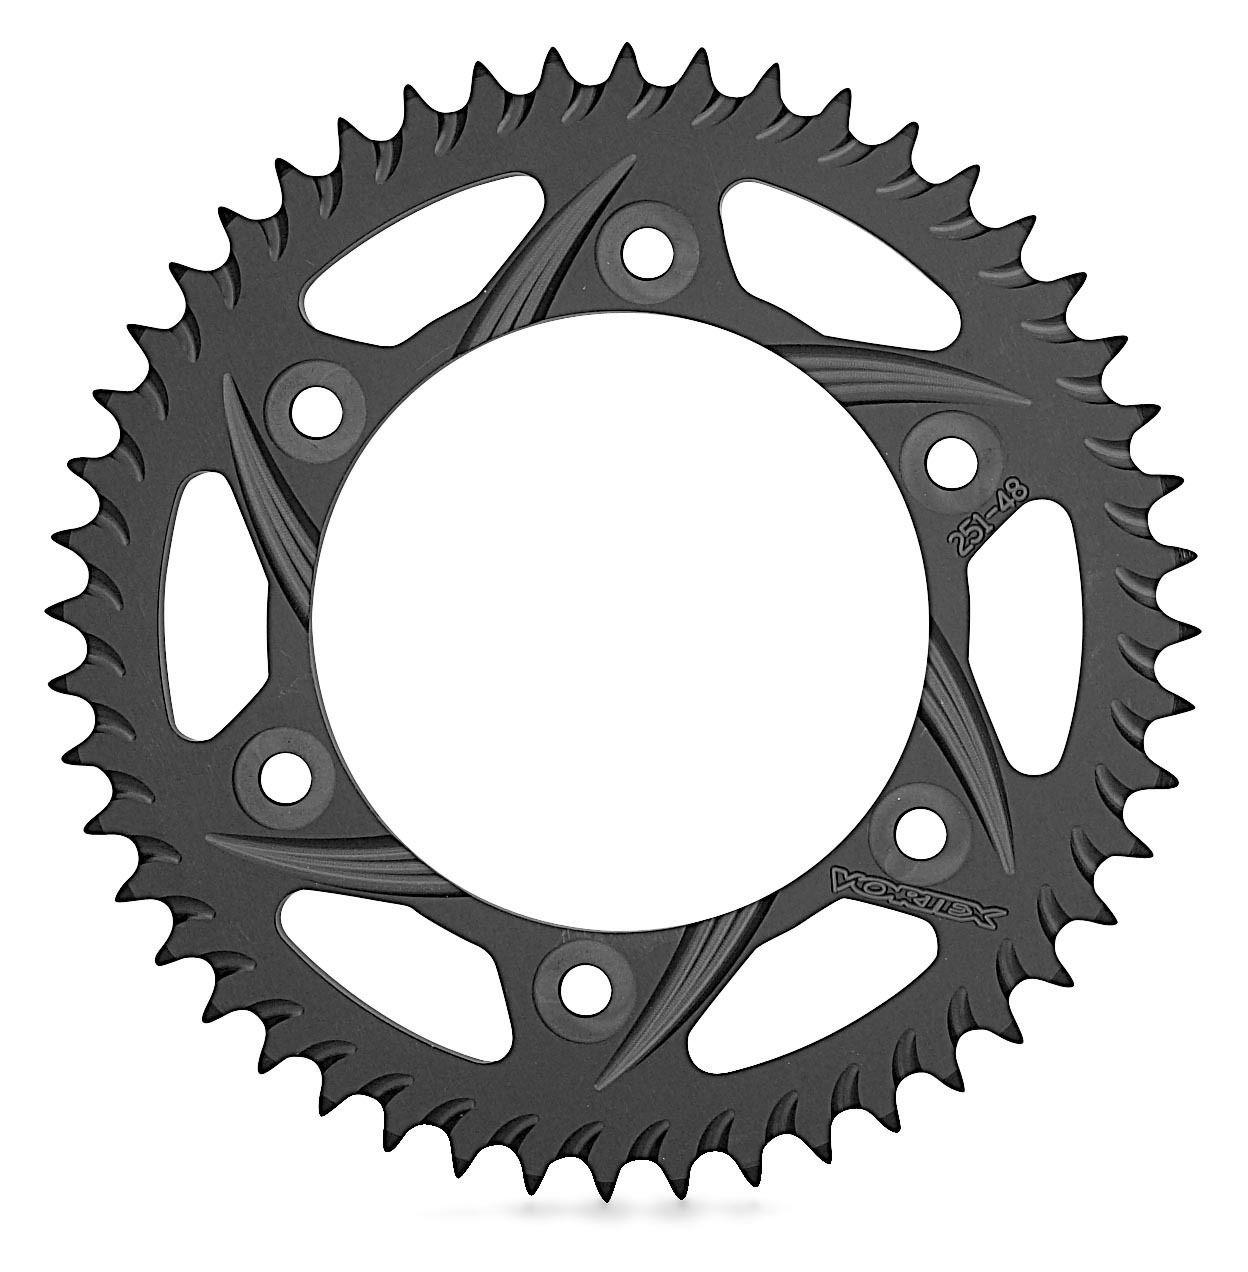 Vortex CK6986 Chain and Sprocket Kit